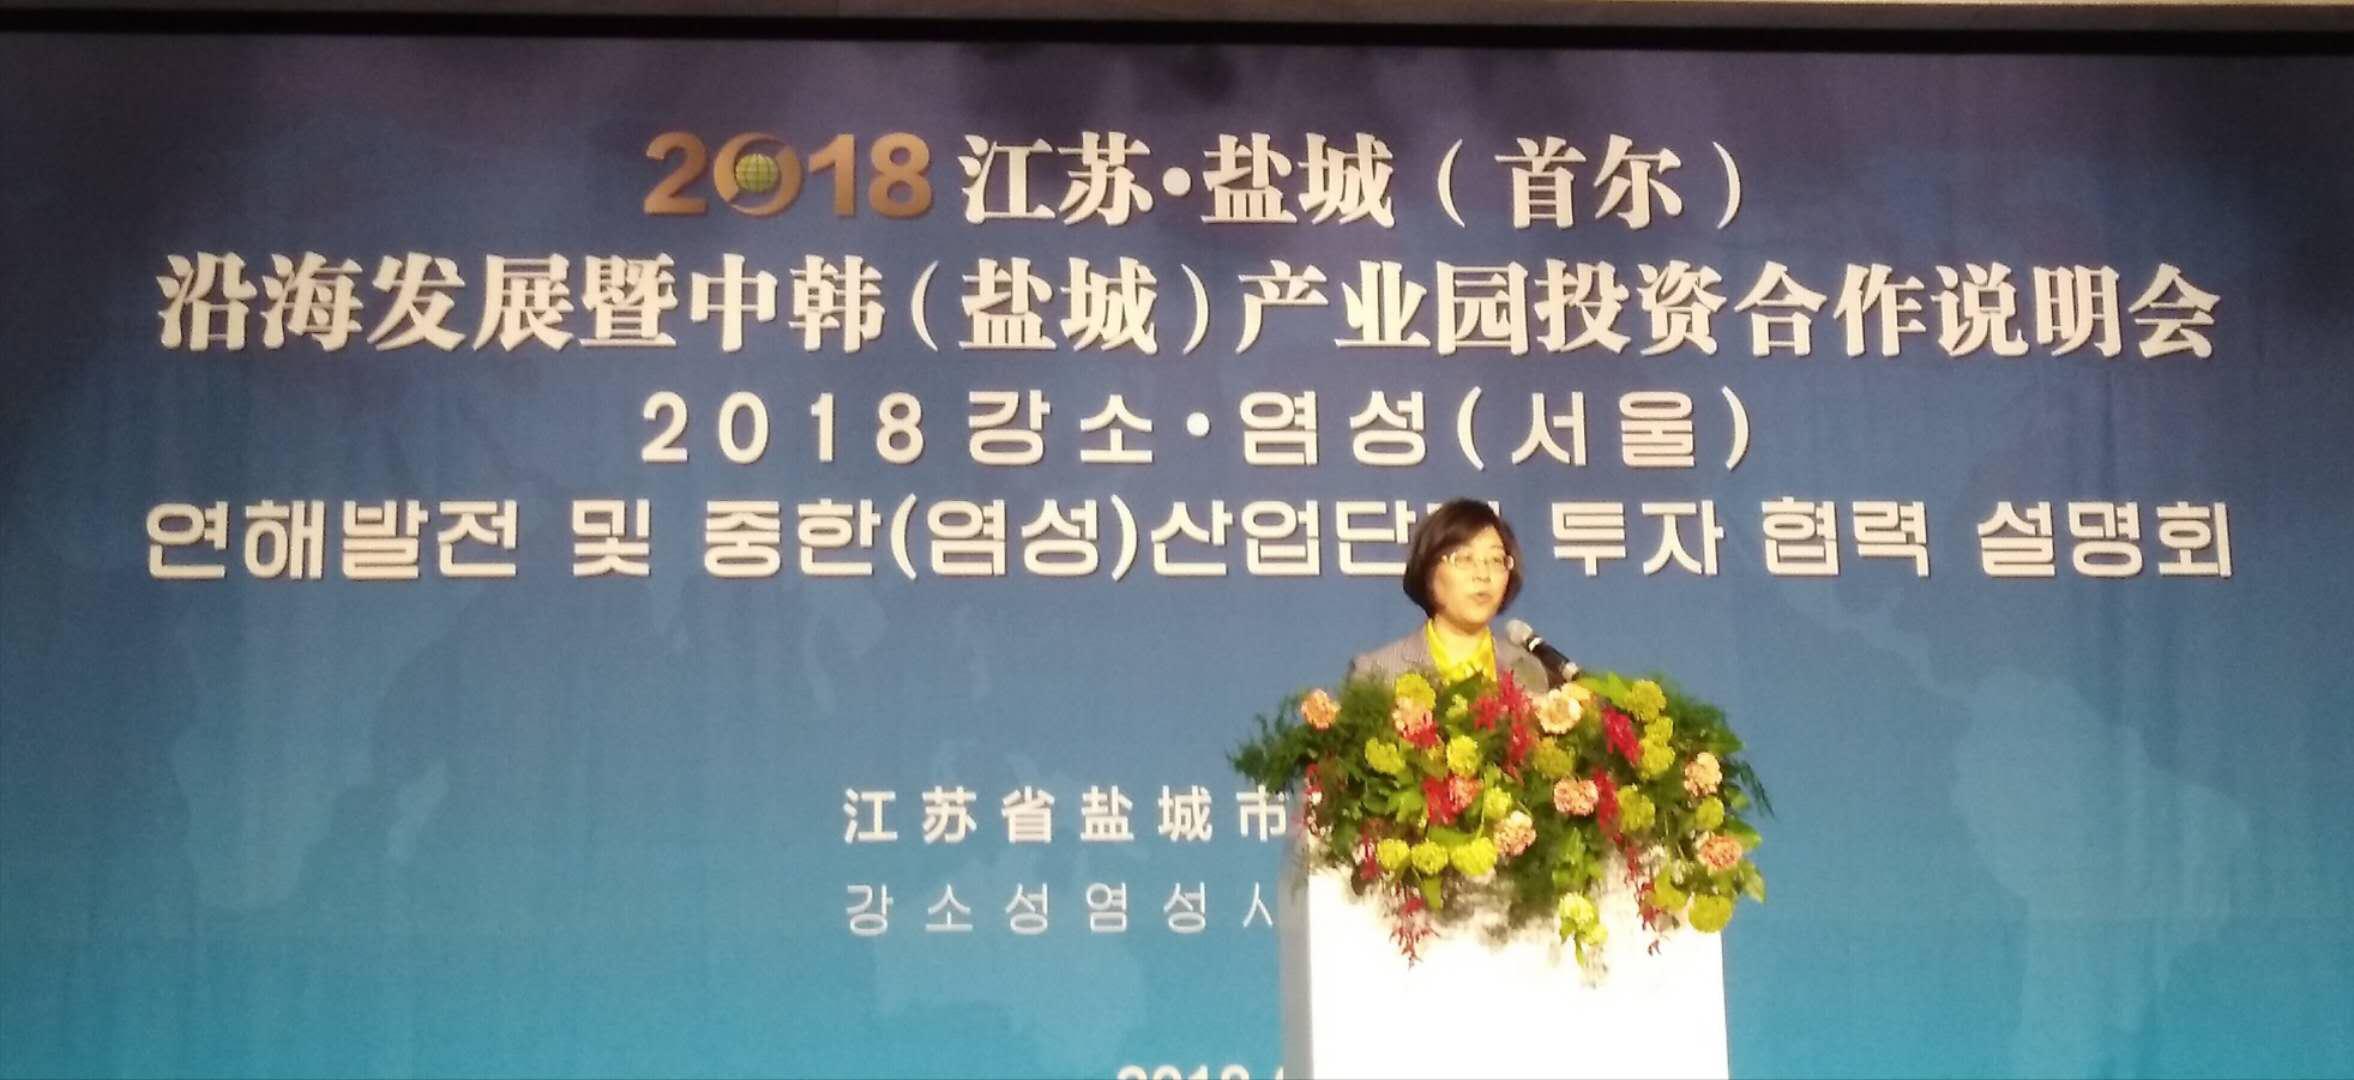 江苏盐城在韩举办中韩产业园投资合作说明会